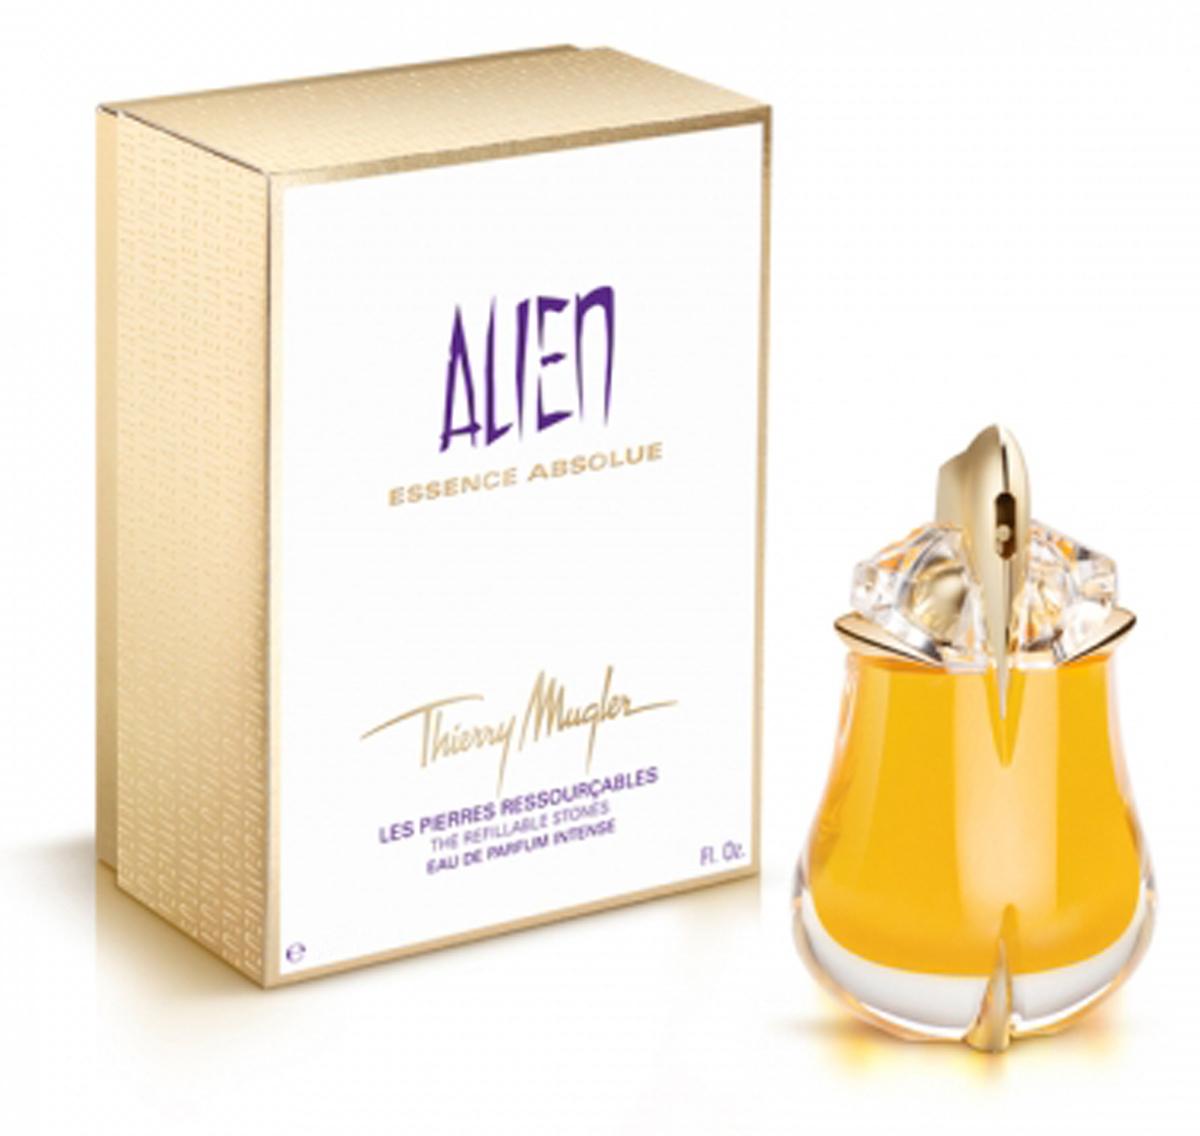 Thierry Mugler Парфюмированная вода Alien Essence Absolue, женская, 30 мл13990Ароматические, цветочные. Кашемировое дерево, амбра, ваниль, мирт, фимиам, жасмин.